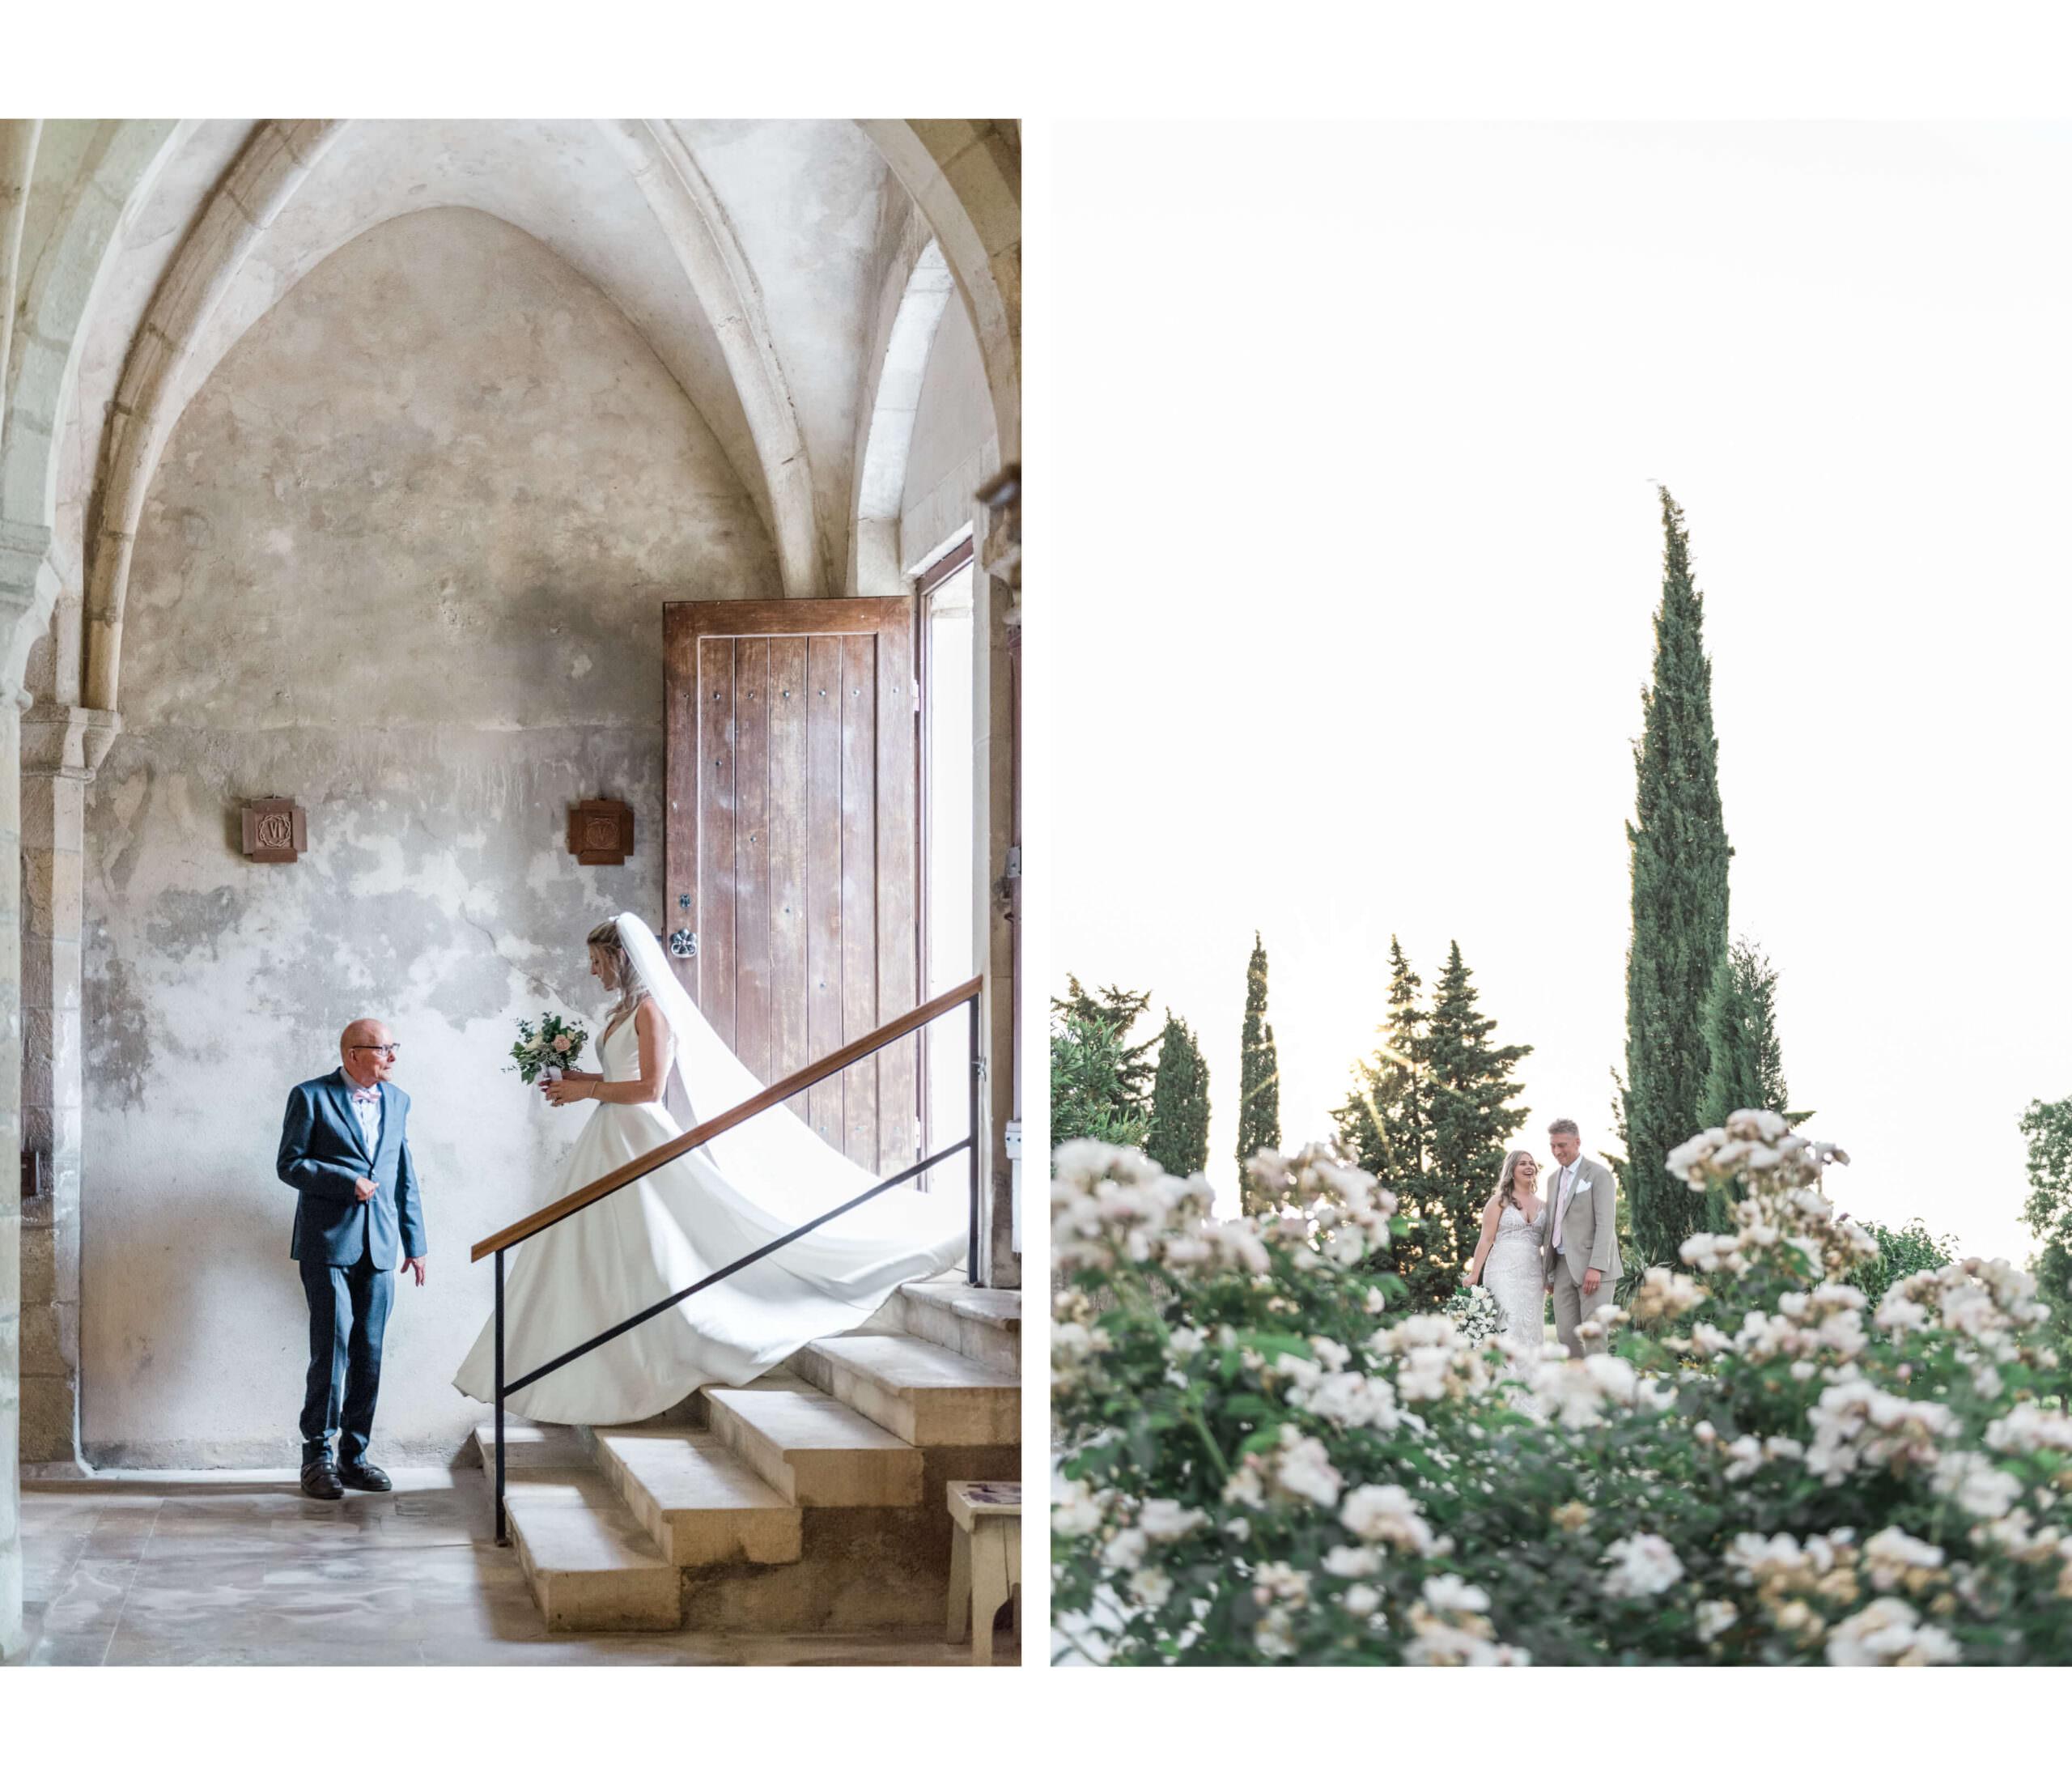 Links: Trouwfotografie van een bruid die een kerk inloopt in Frankrijk. Rechts: een bruid en bruidegom tussen de cipressen en witte rozen in Provence in Zuid-Frankrijk